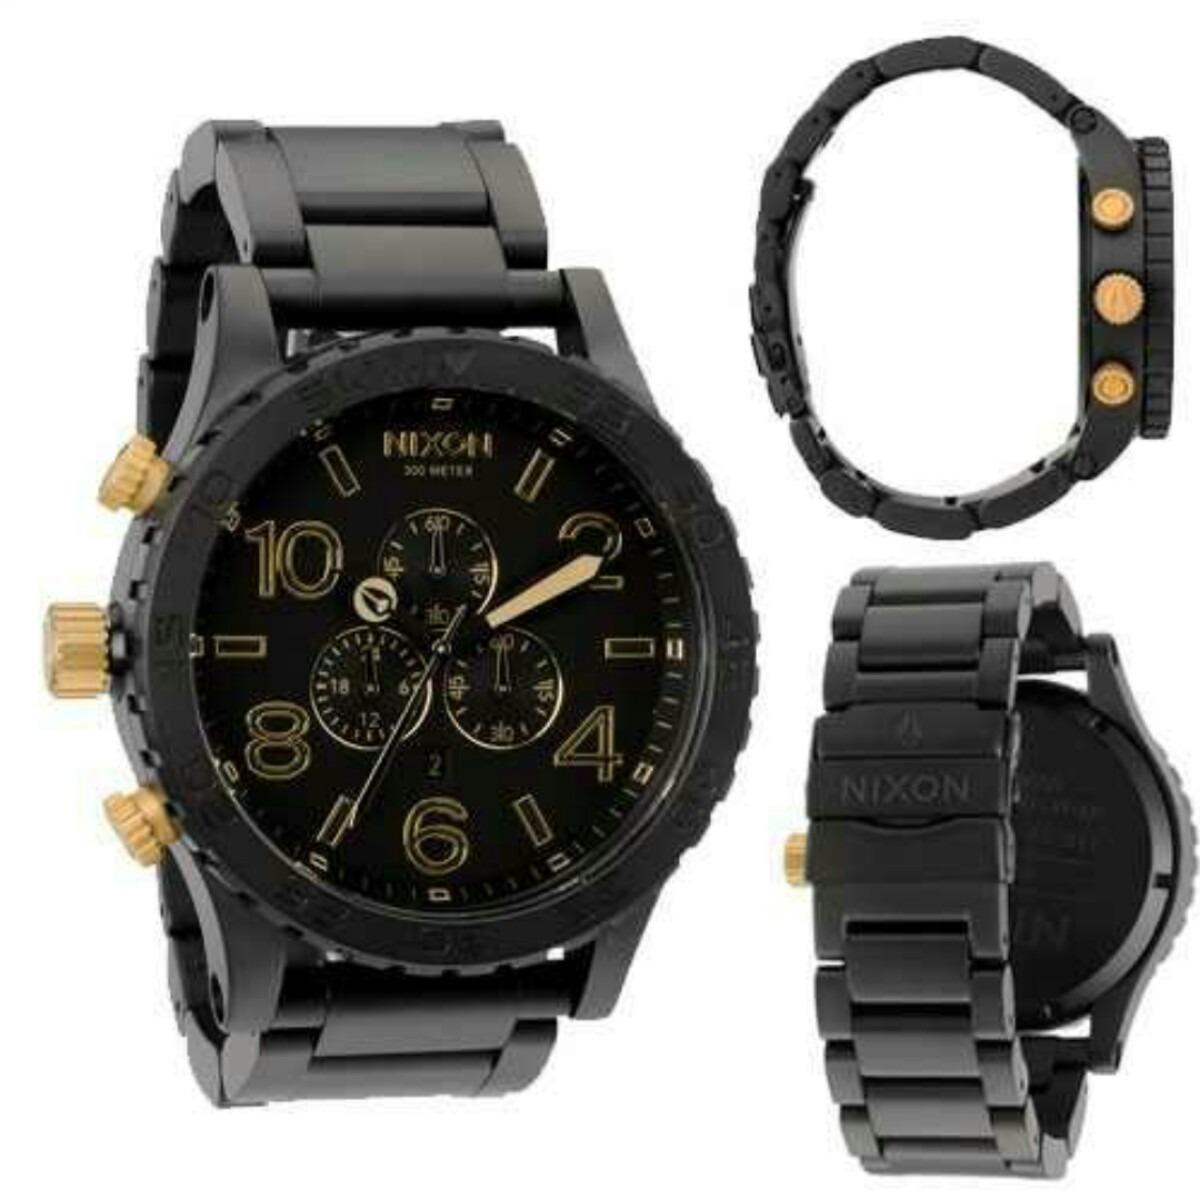 655b42f9cb3 relógio nixon preto dourado 51-30 chrono men´s frete gratis. Carregando  zoom.